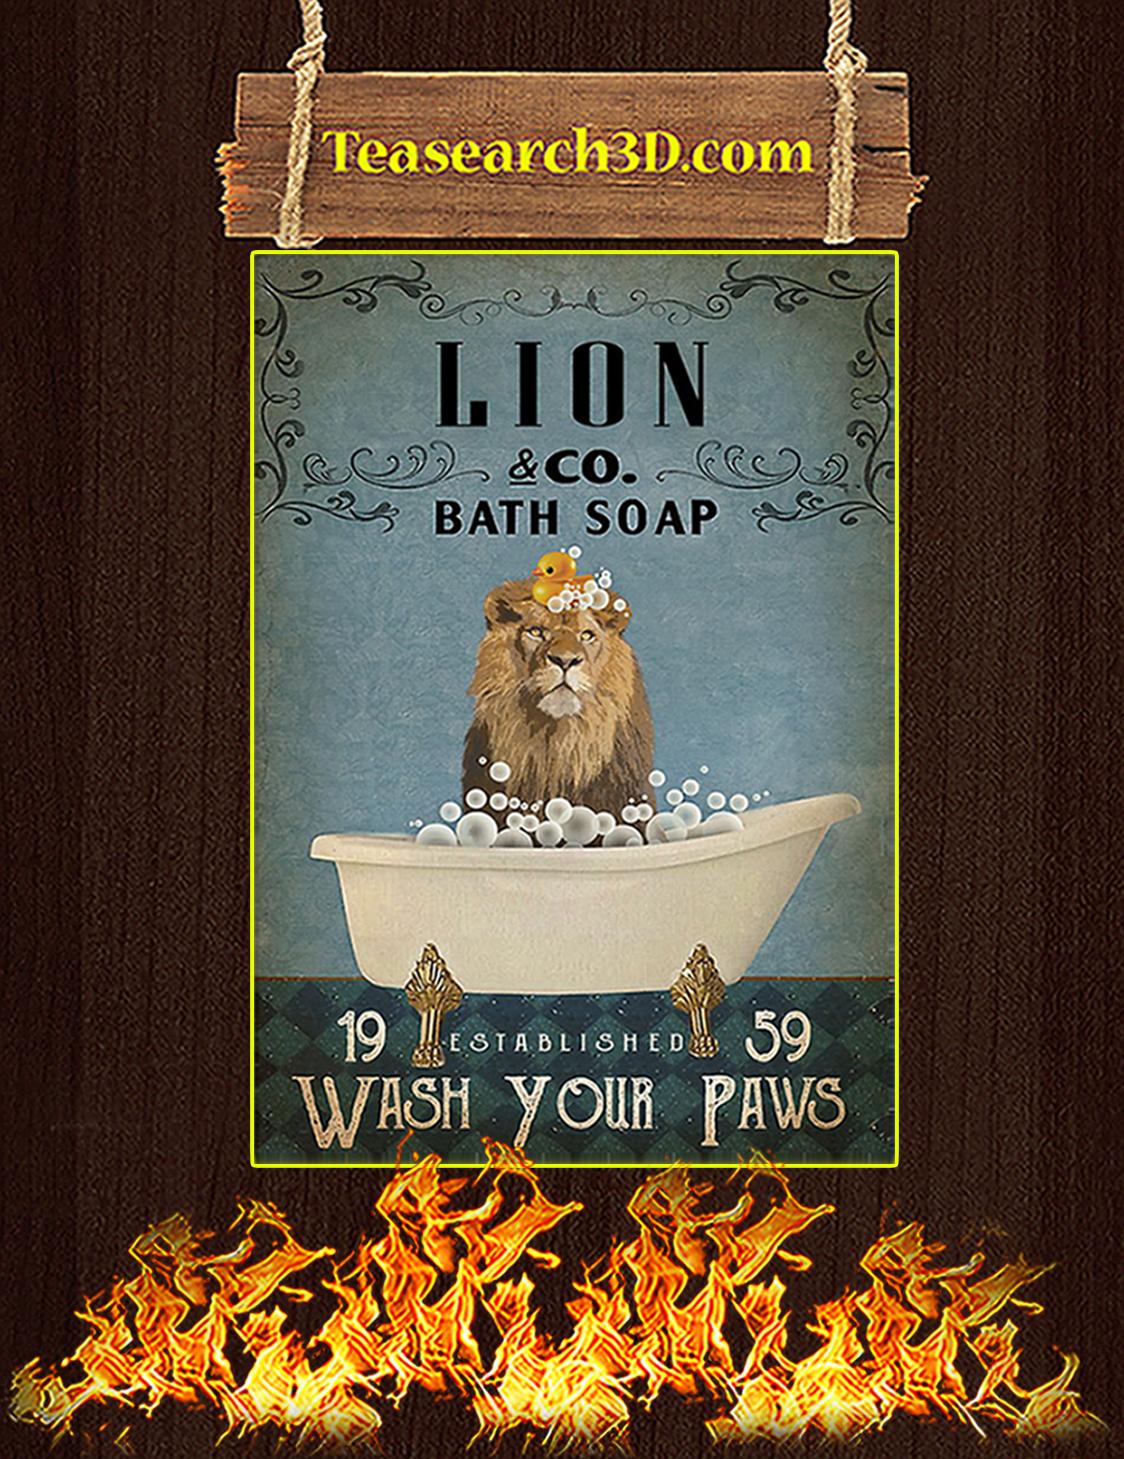 Vintage Bath Soap Lion Poster A3